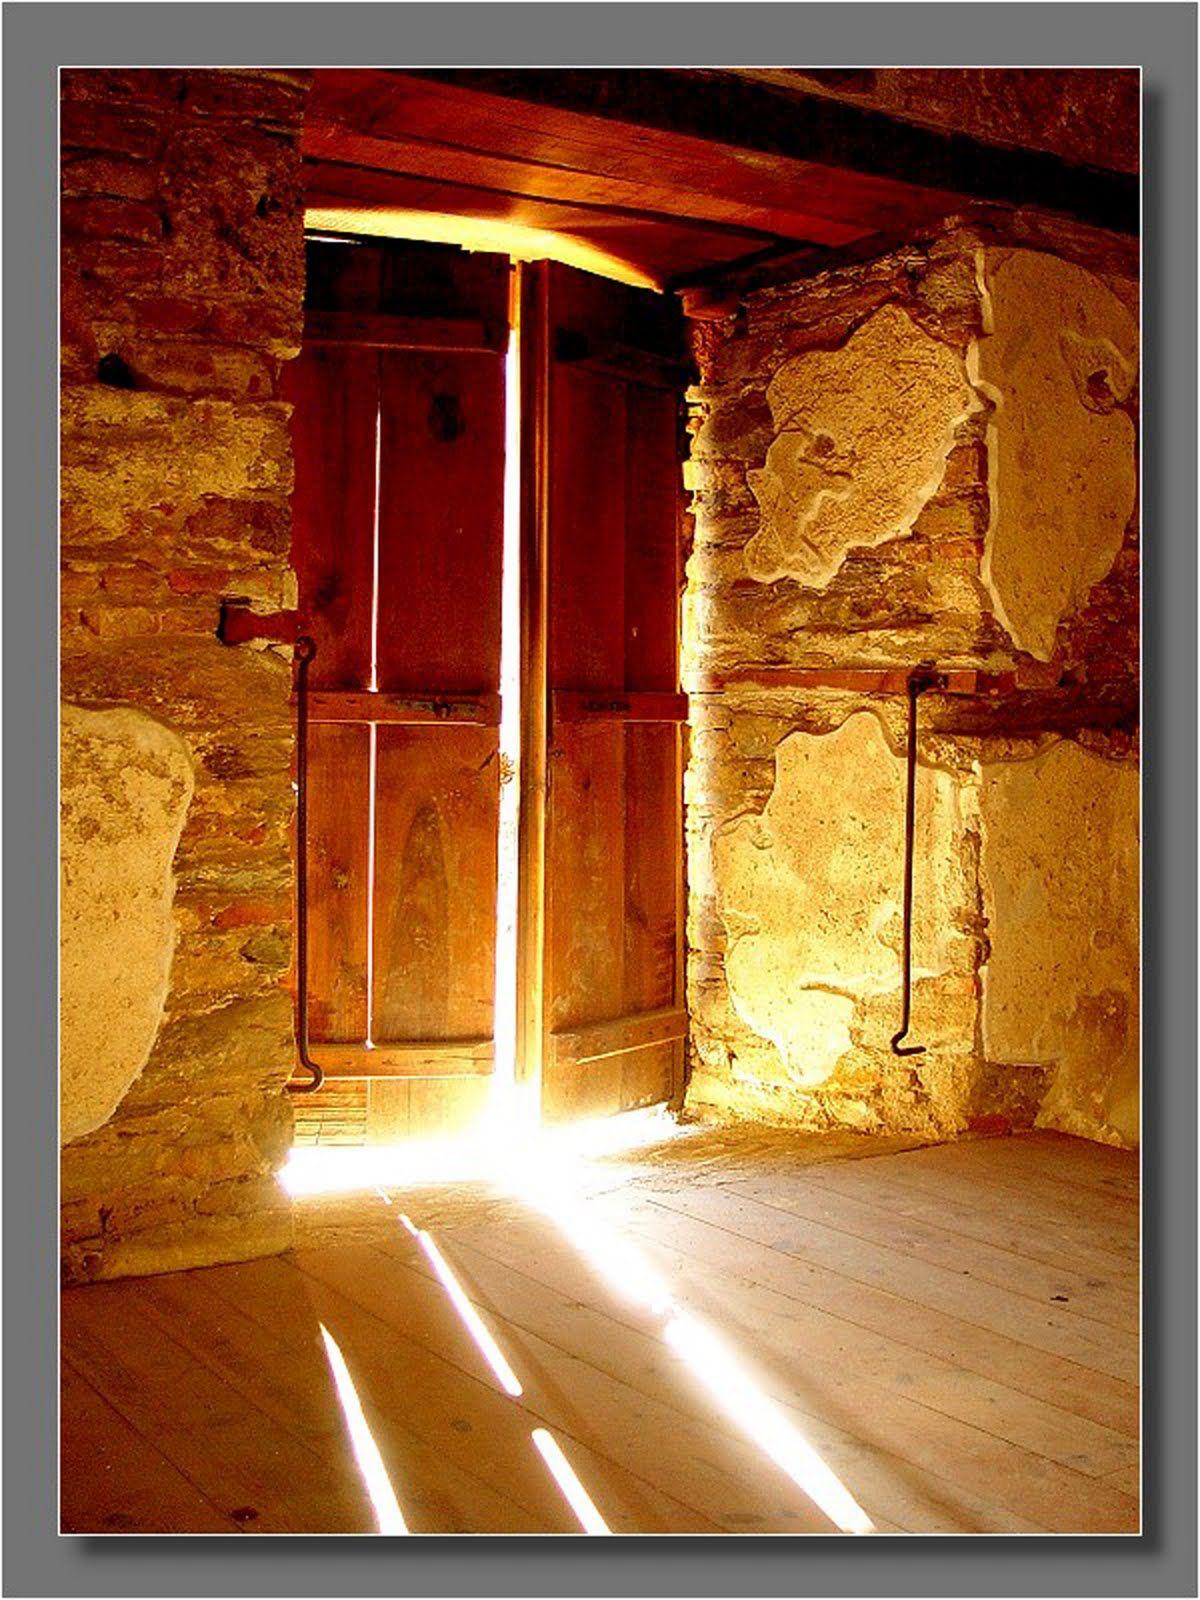 Awakened Open Doors When Love Came Down Beautiful Doors Windows And Doors Doors